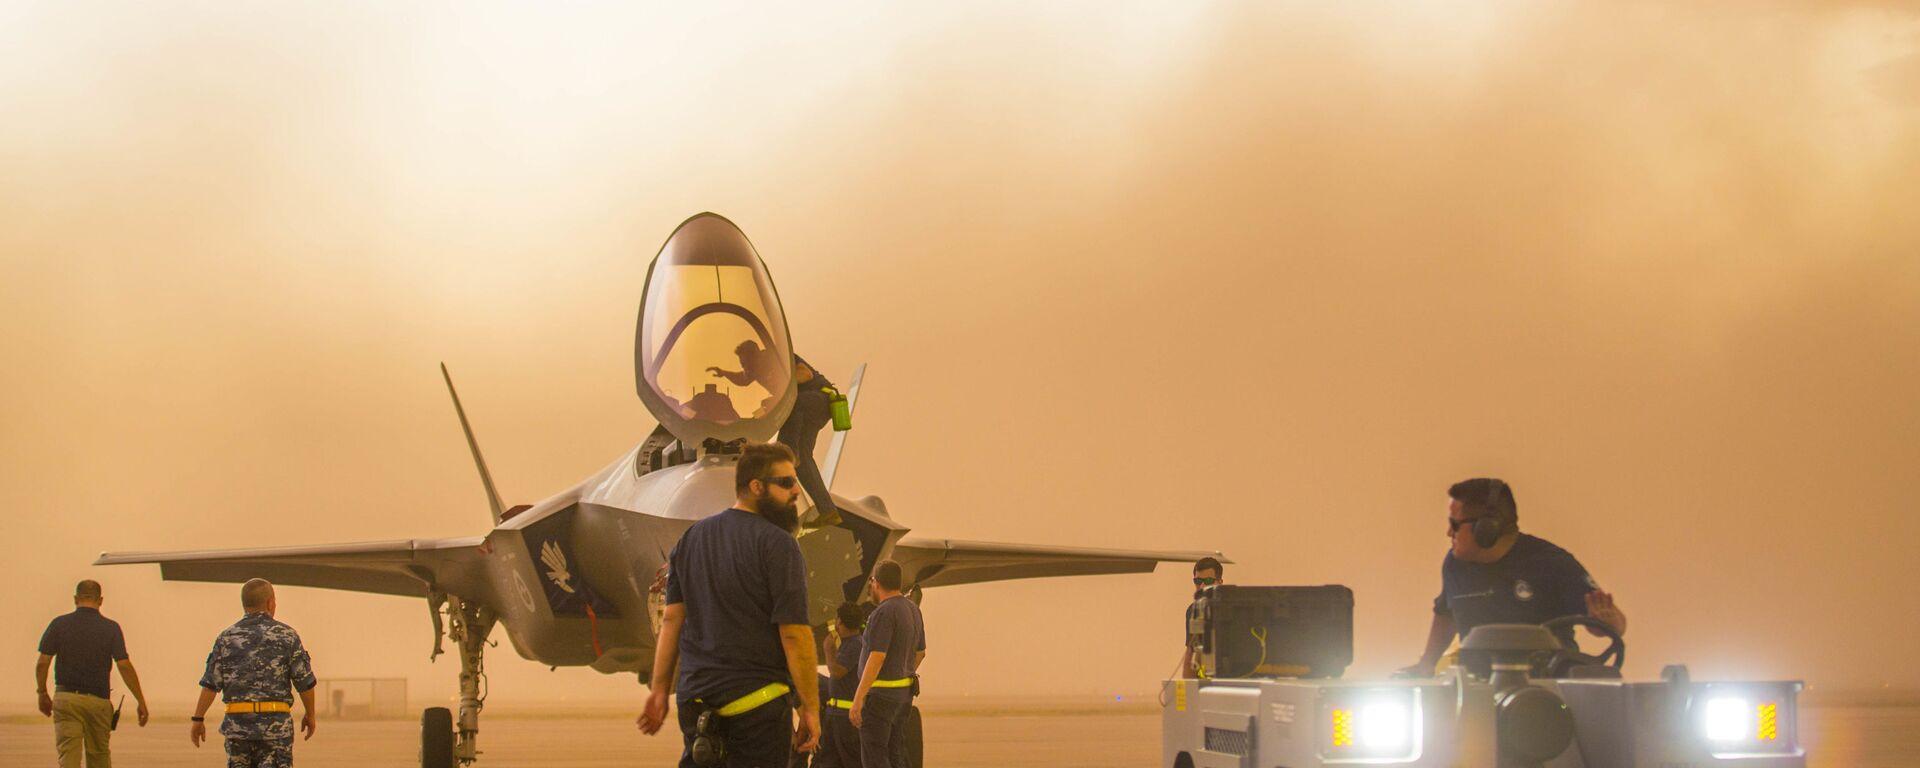 Истребитель-бомбардировщик F-35 на военно-воздушной базе Люк в Аризоне  - Sputnik Ўзбекистон, 1920, 21.02.2021